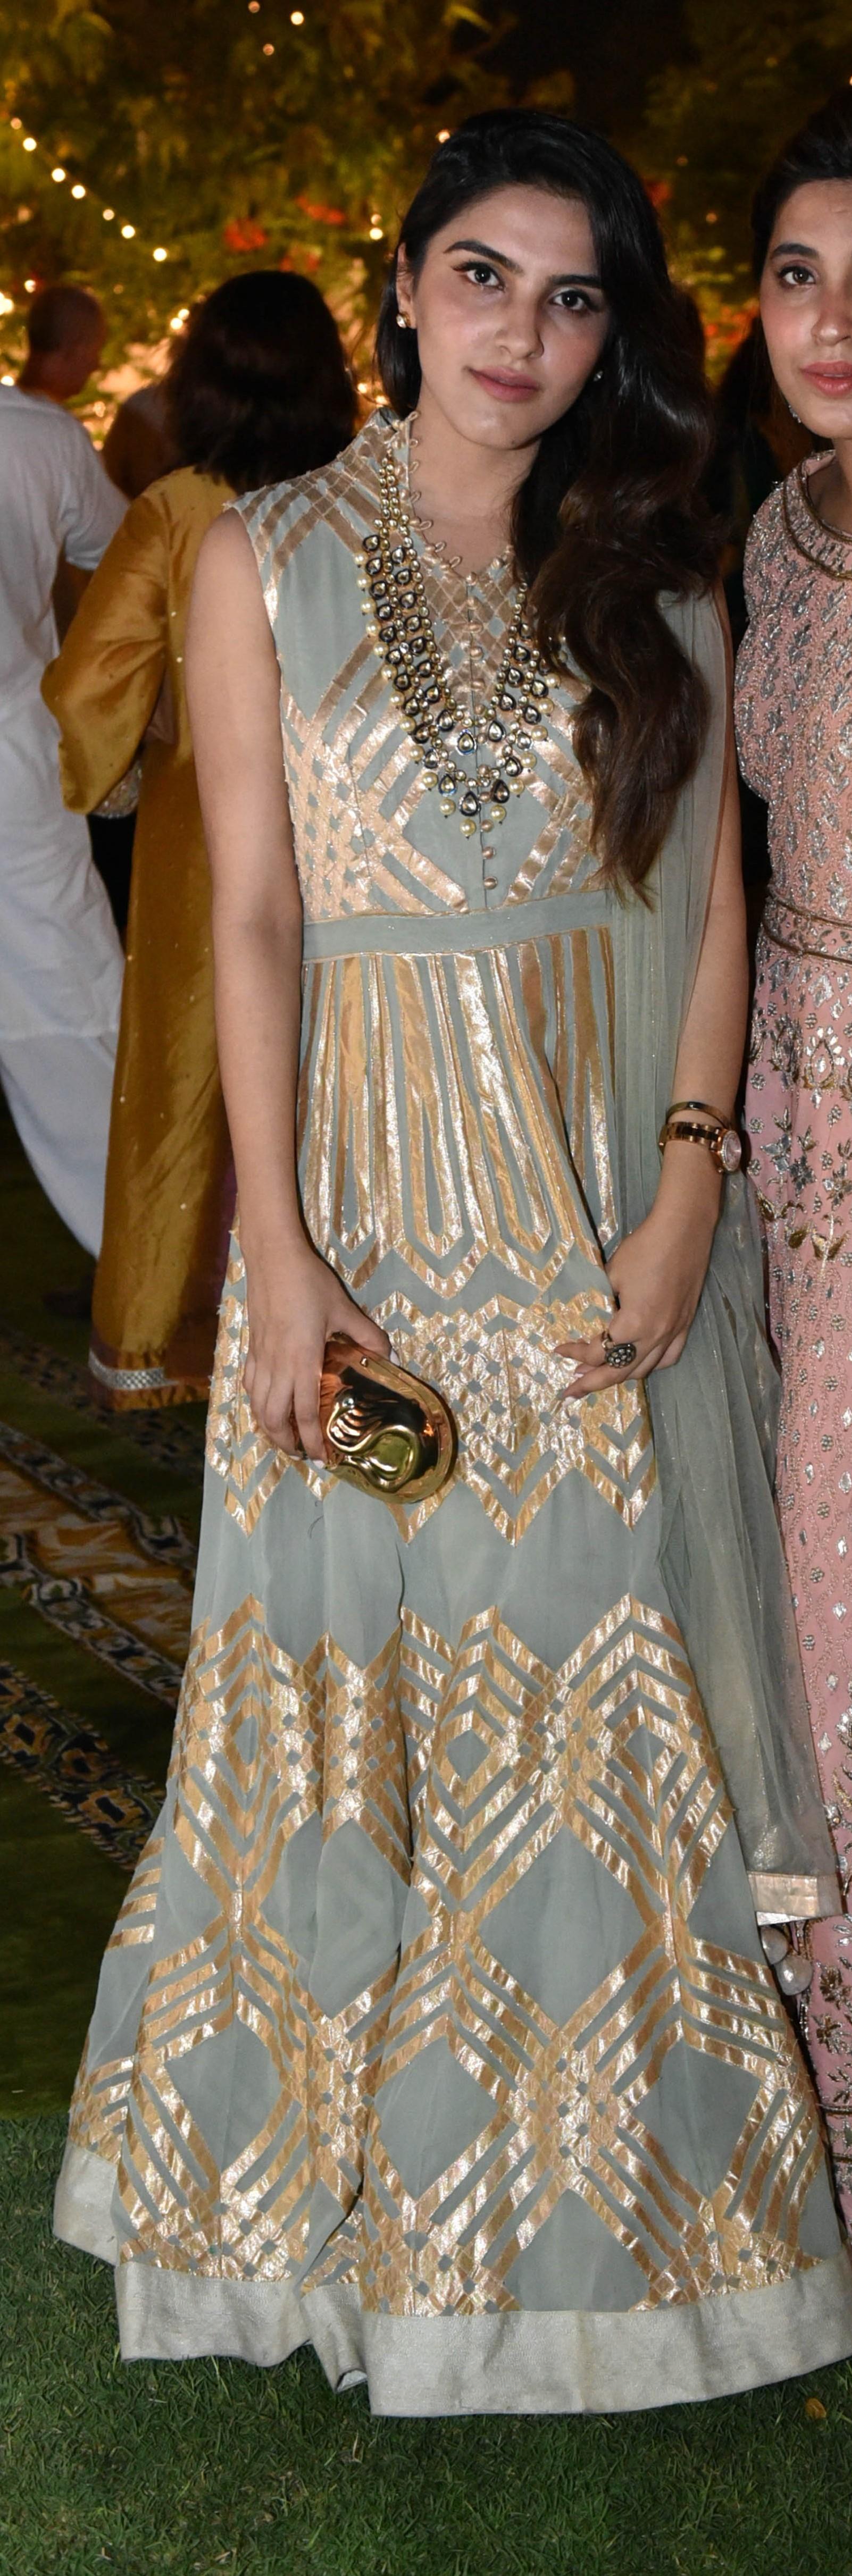 Nikhar Riaz - Our golden girl looks gorgeous in Sehrish Rehan